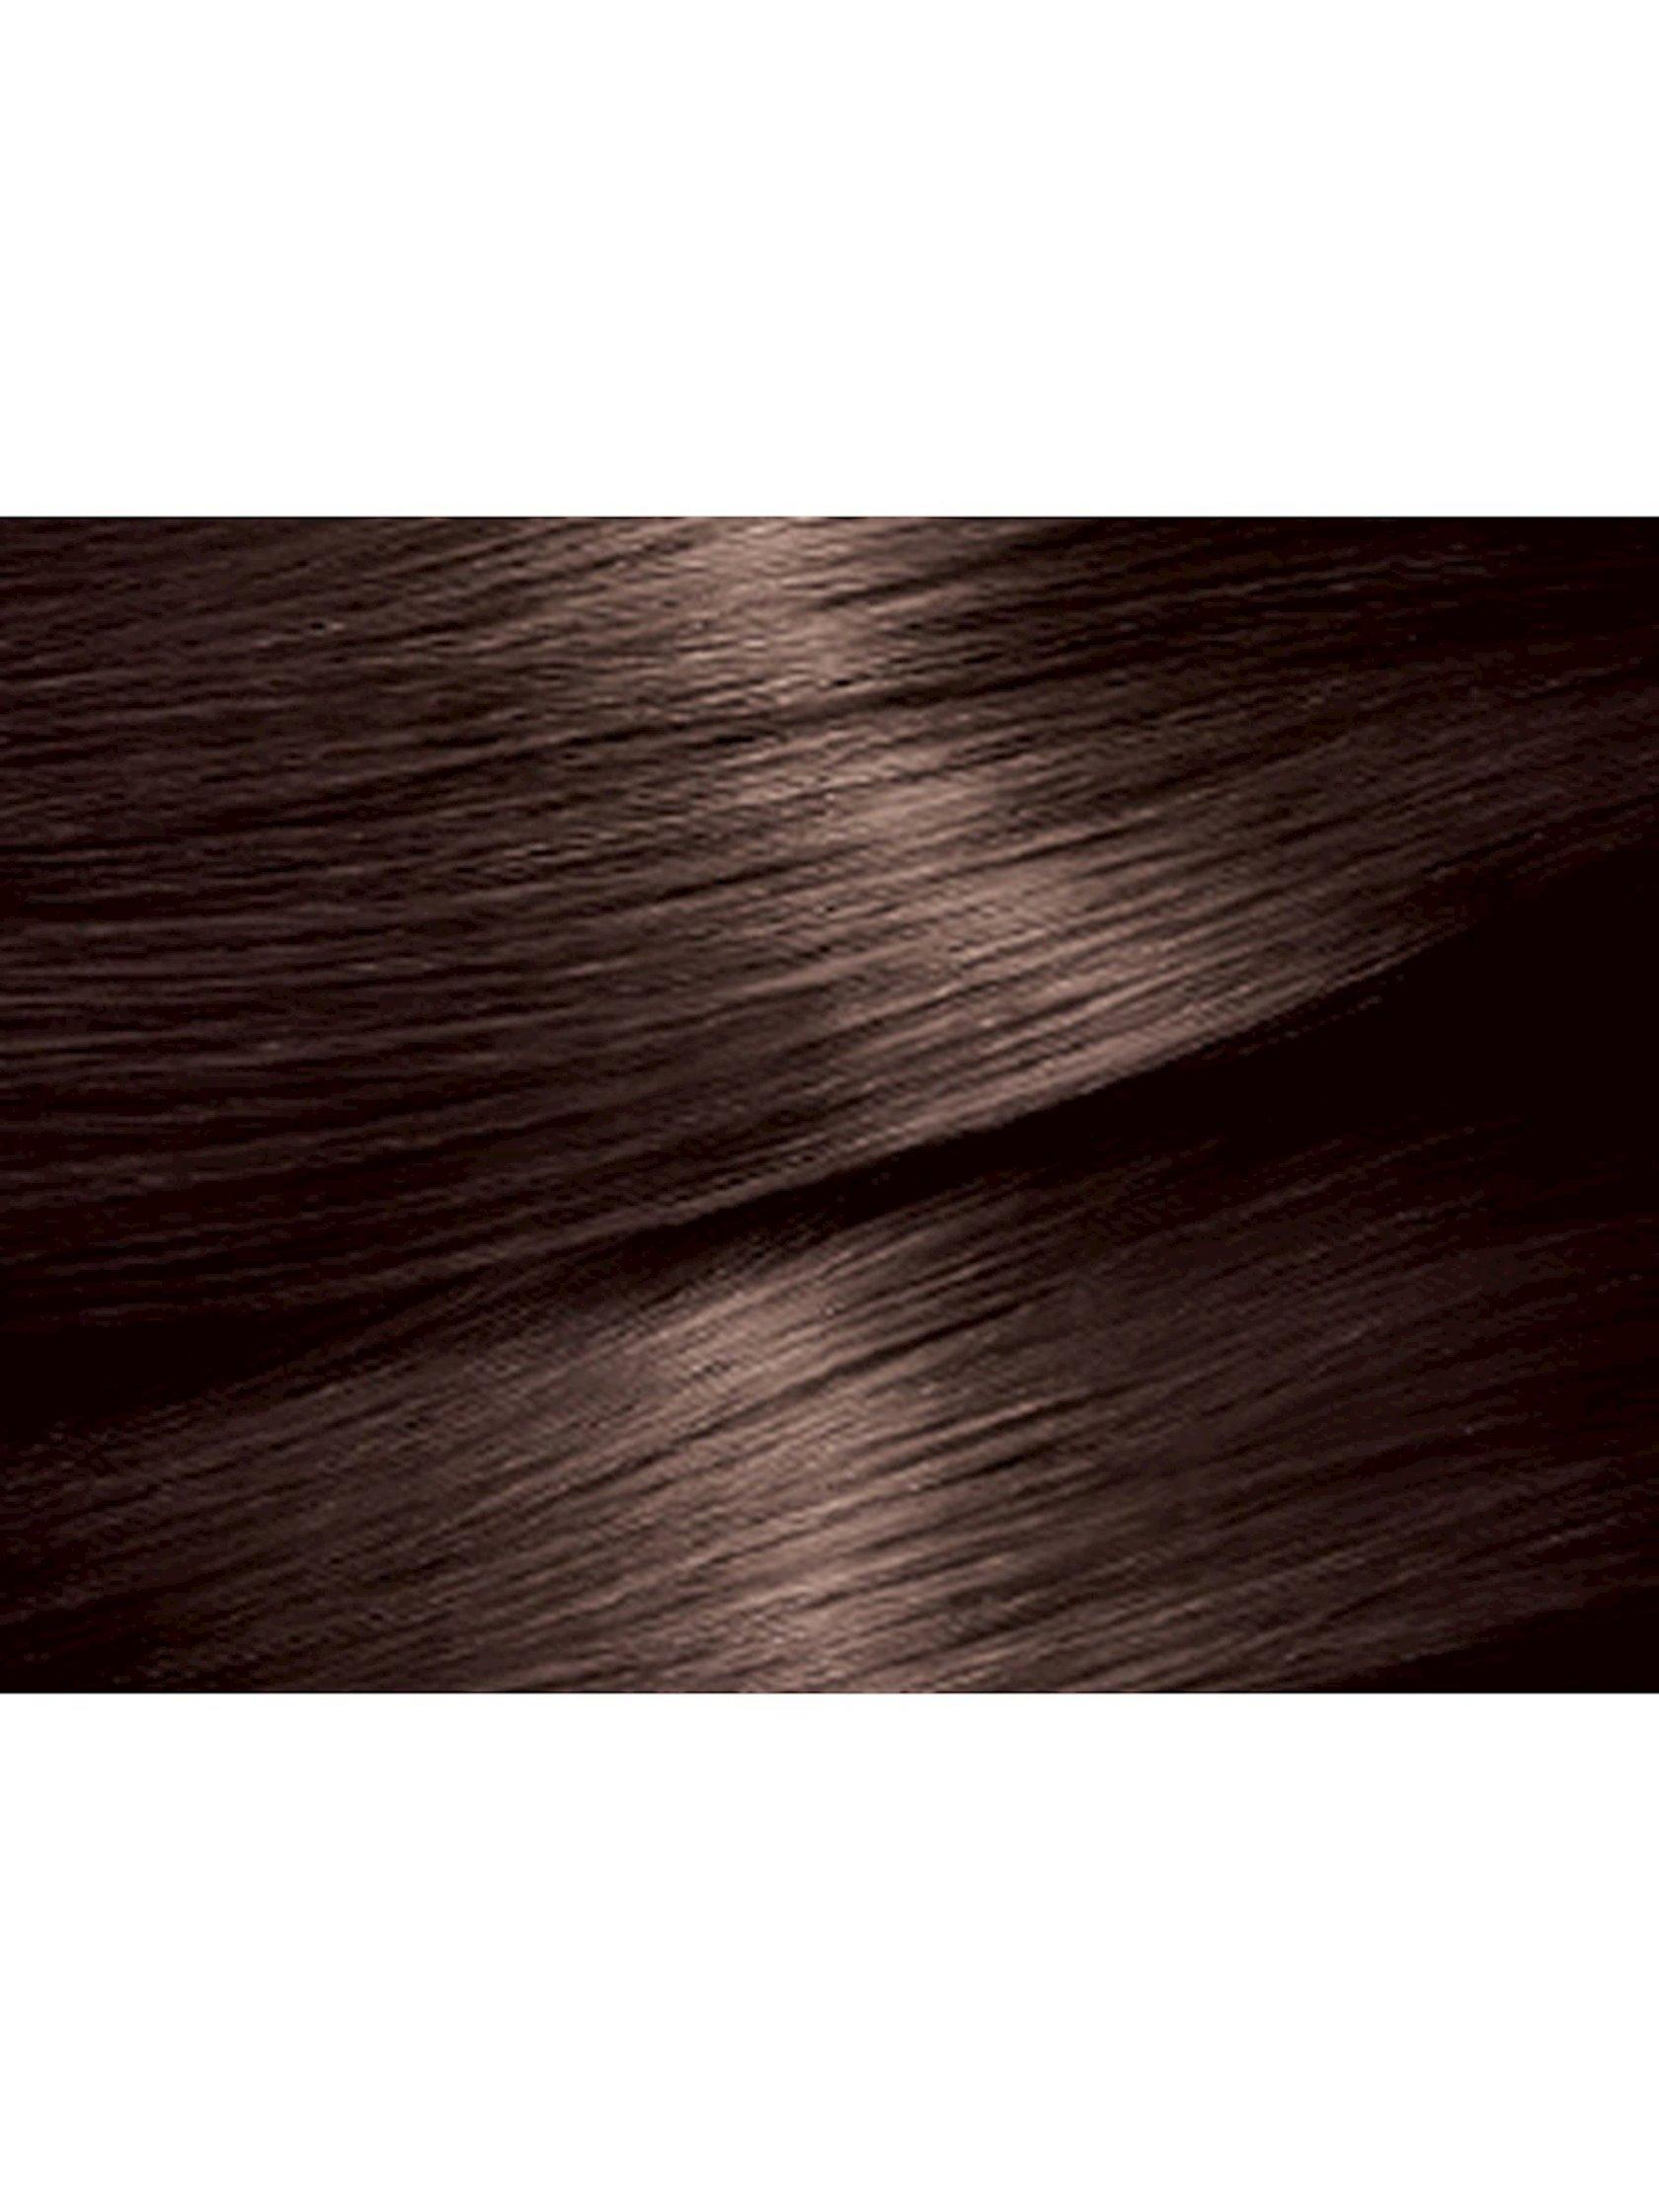 Saç üçün qalıcı krem-boya Garnier Color Naturals 5.00 Dərin şabalıdı